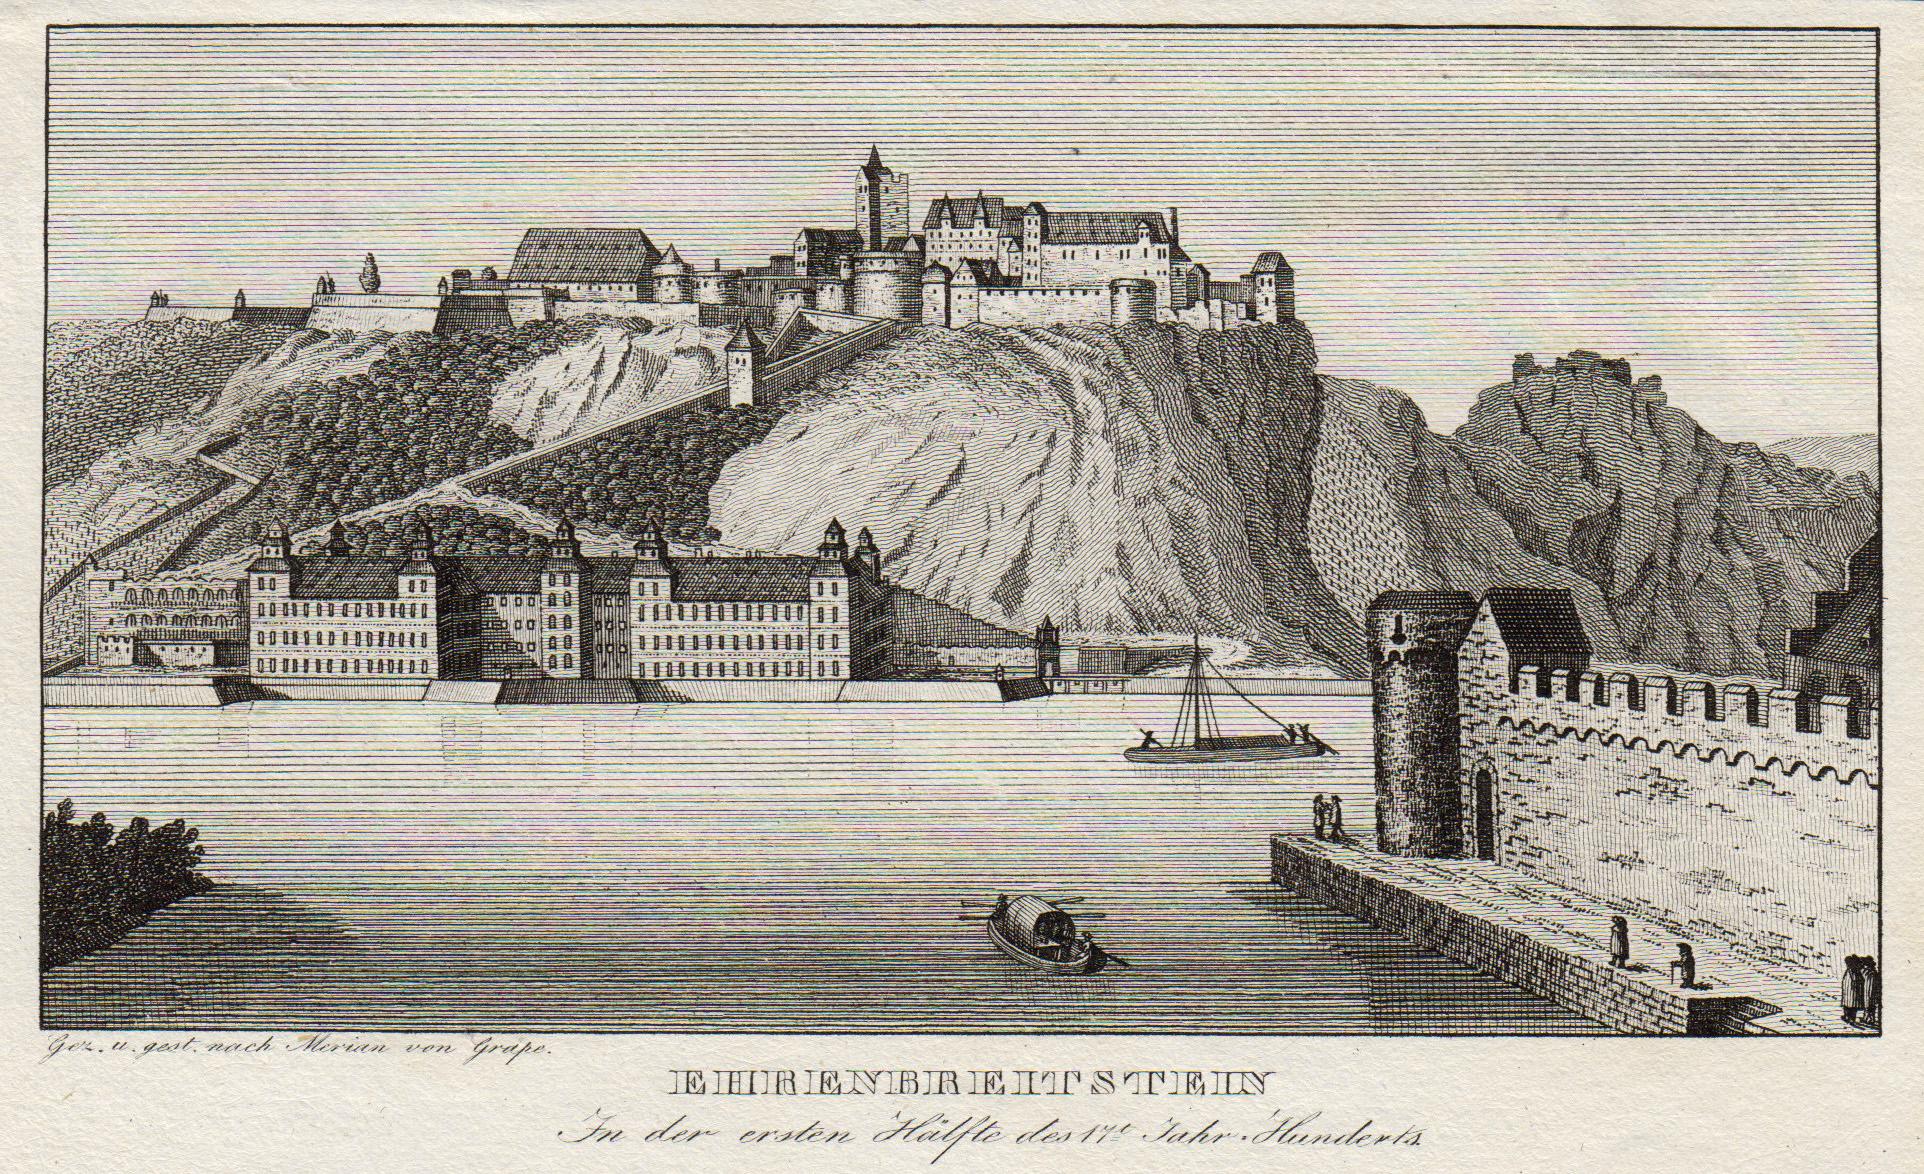 """Gesamtans., Ehrenbreitstein, """". In der ersten Hälfte: Koblenz: Ehrenbreitstein:"""